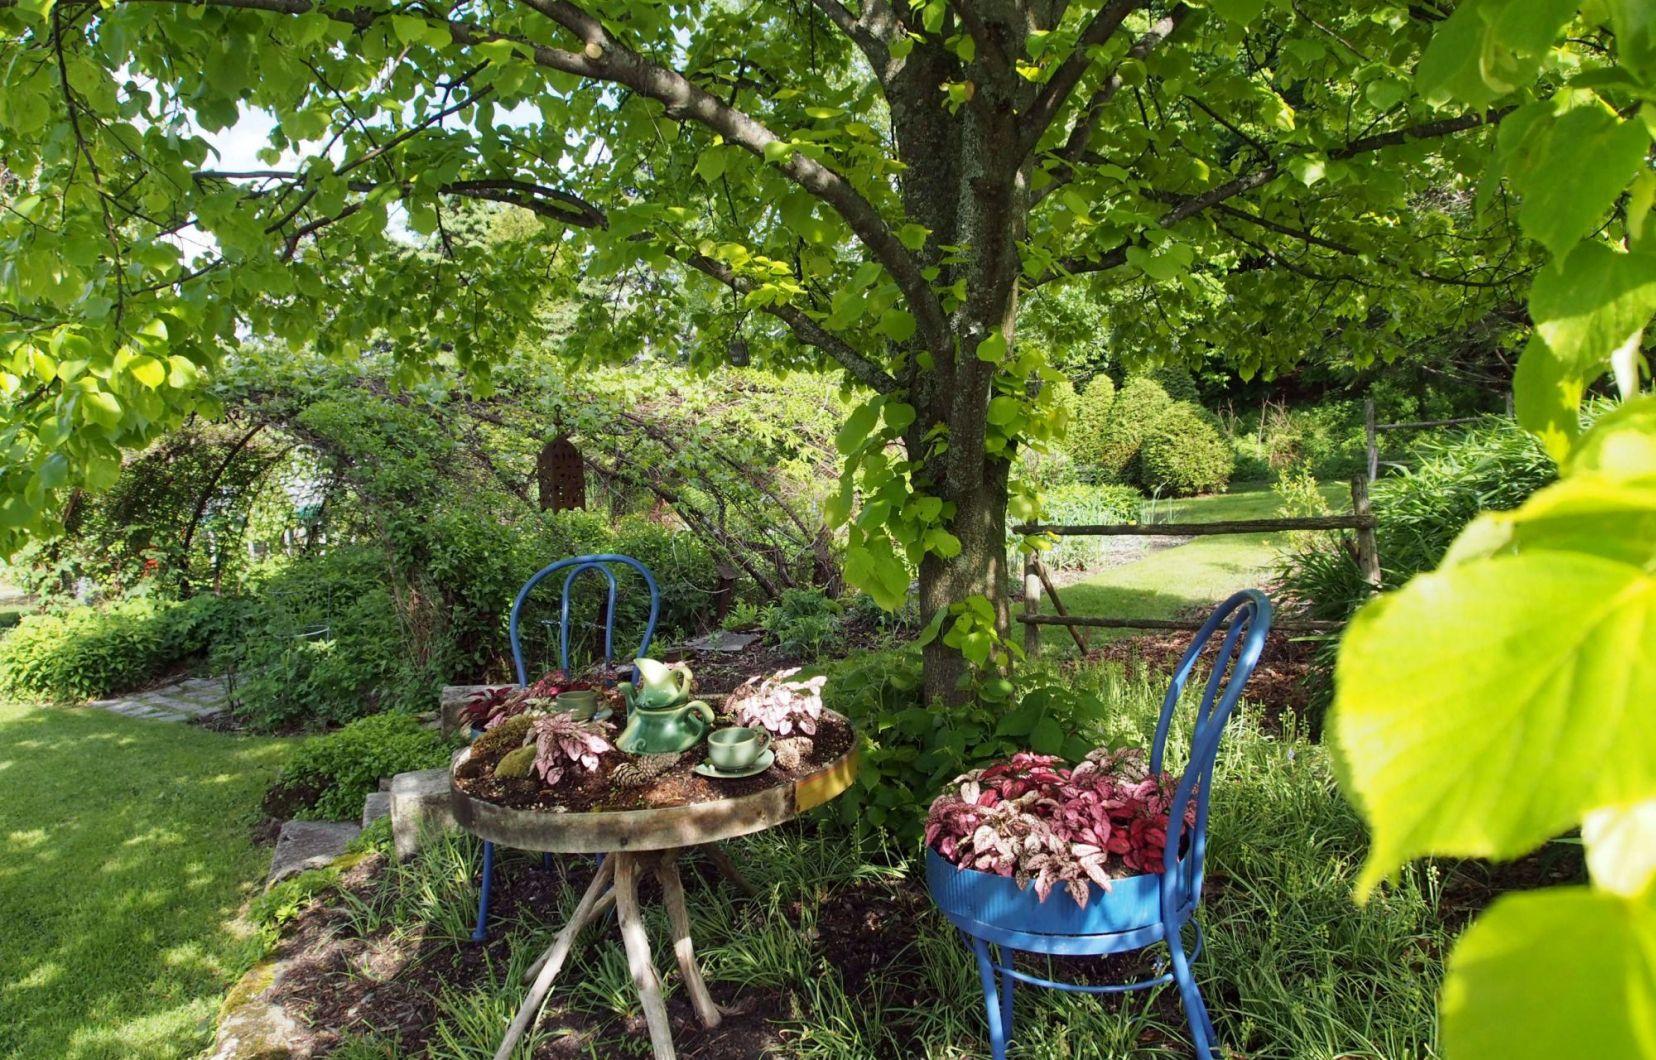 Le Jardin De Vos Rêves, Un Lieu Unique | Le Devoir encequiconcerne Serre De Jardin Occasion Le Bon Coin